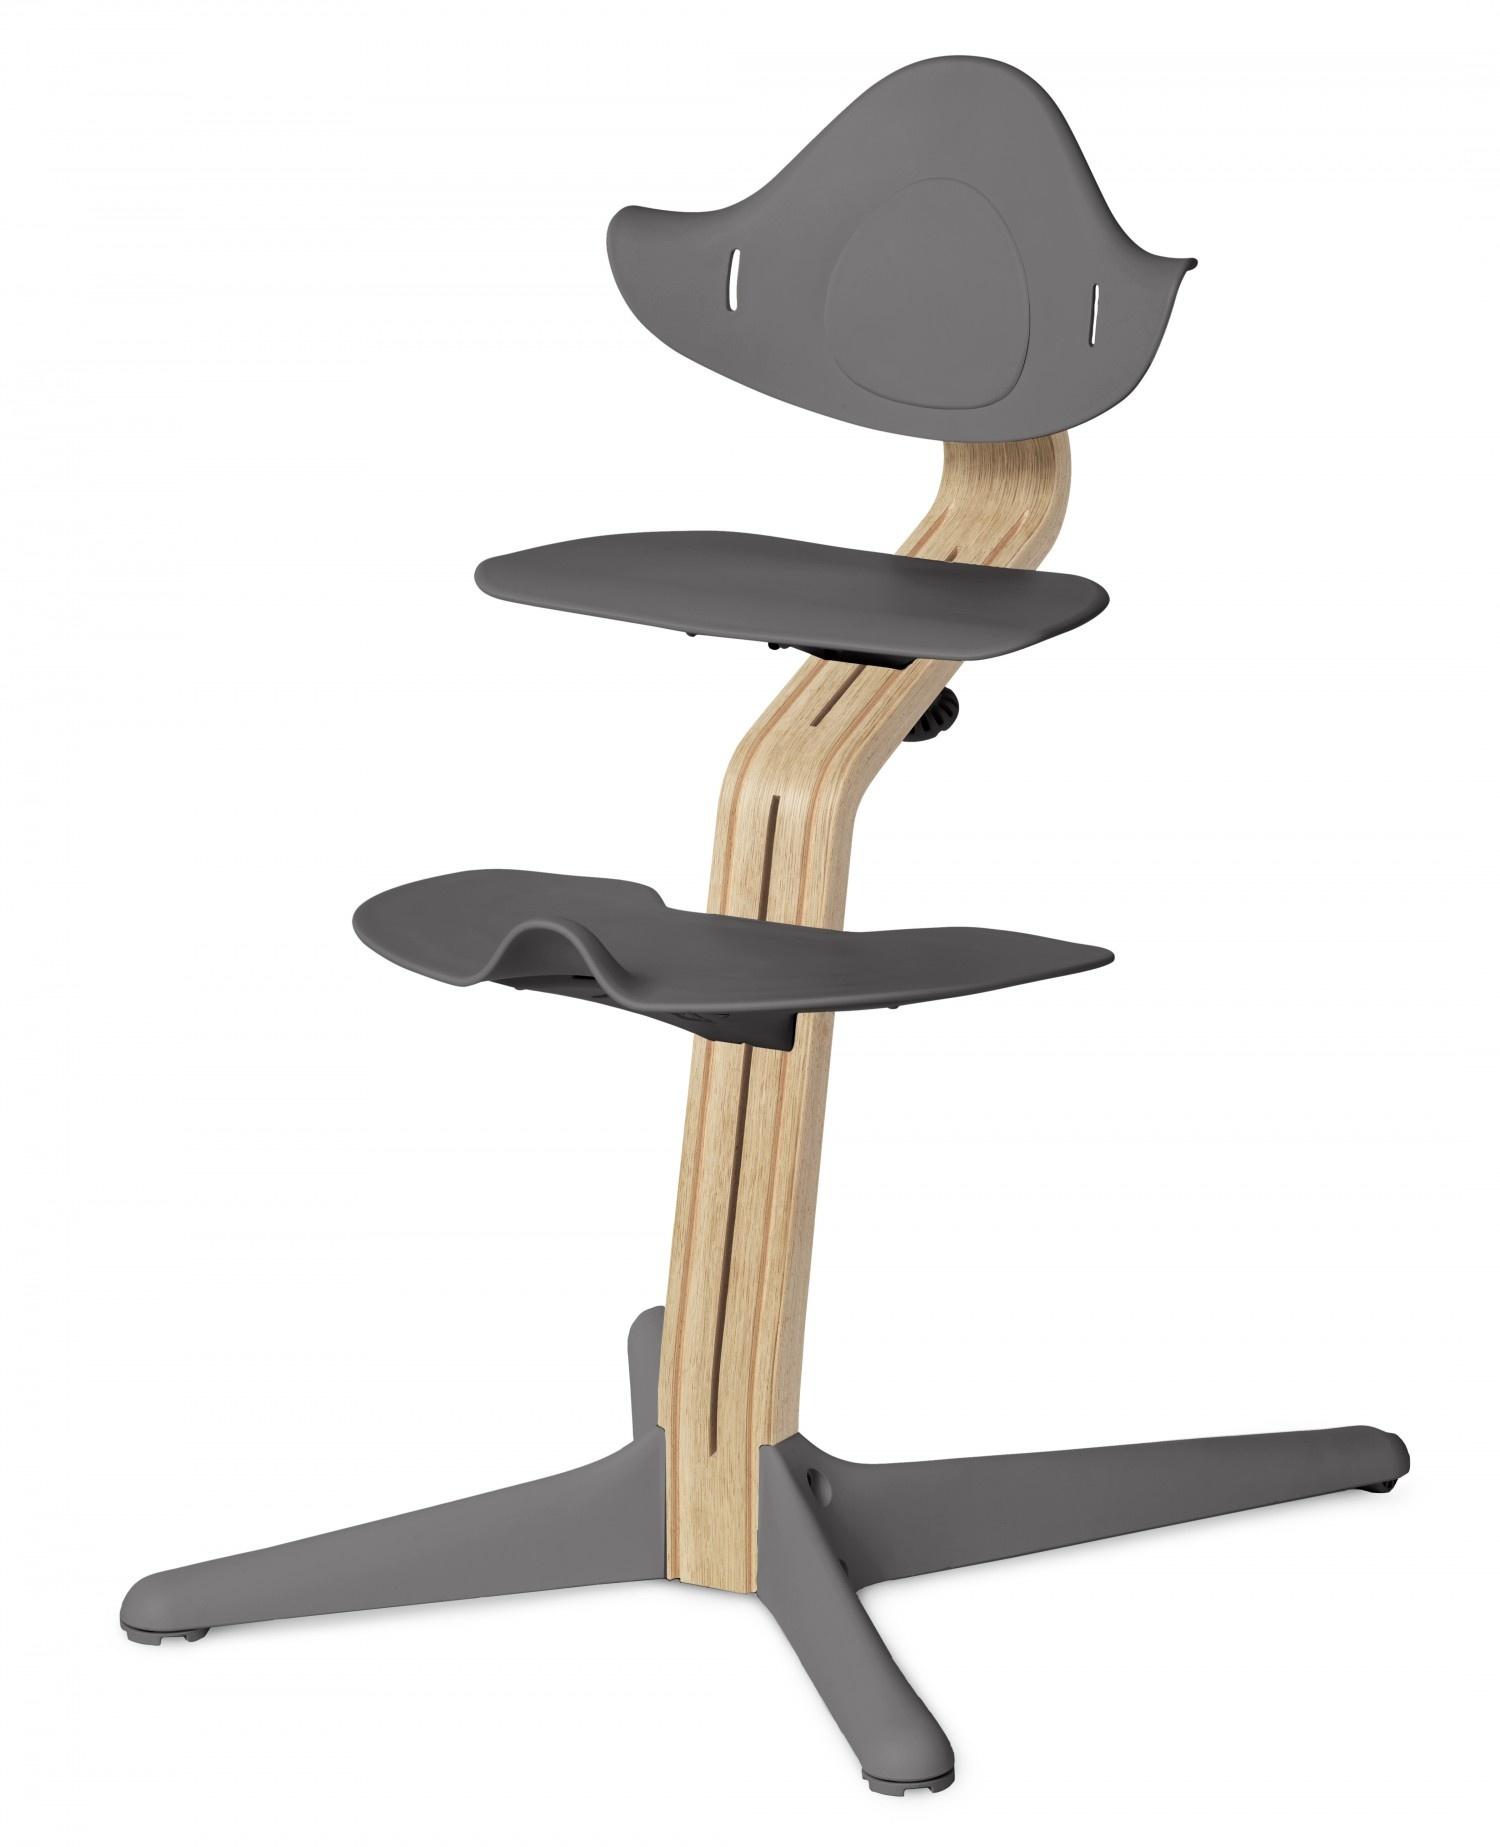 Nomi NOMI Hochstuhl Wachstumsstuhl Basic Eiche weiß geölt und Stuhl grau